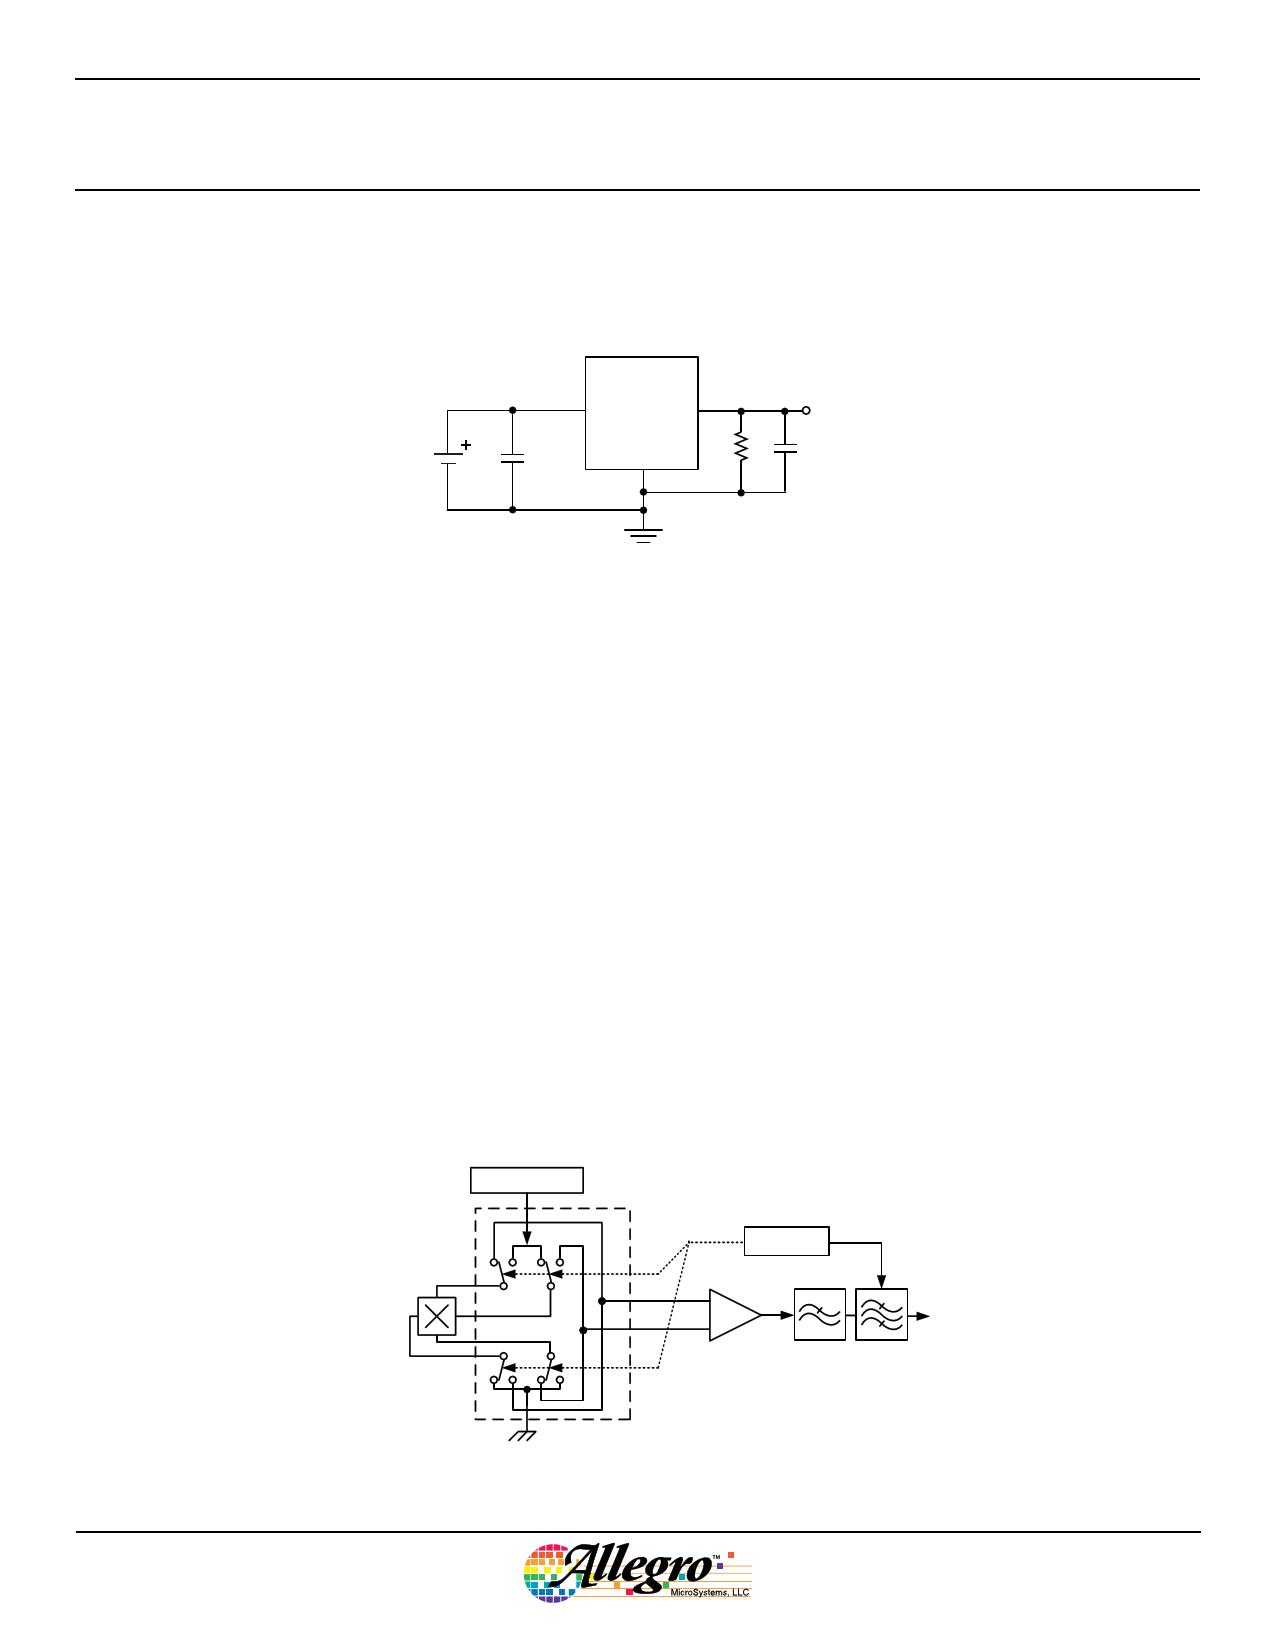 A1319 diode, scr